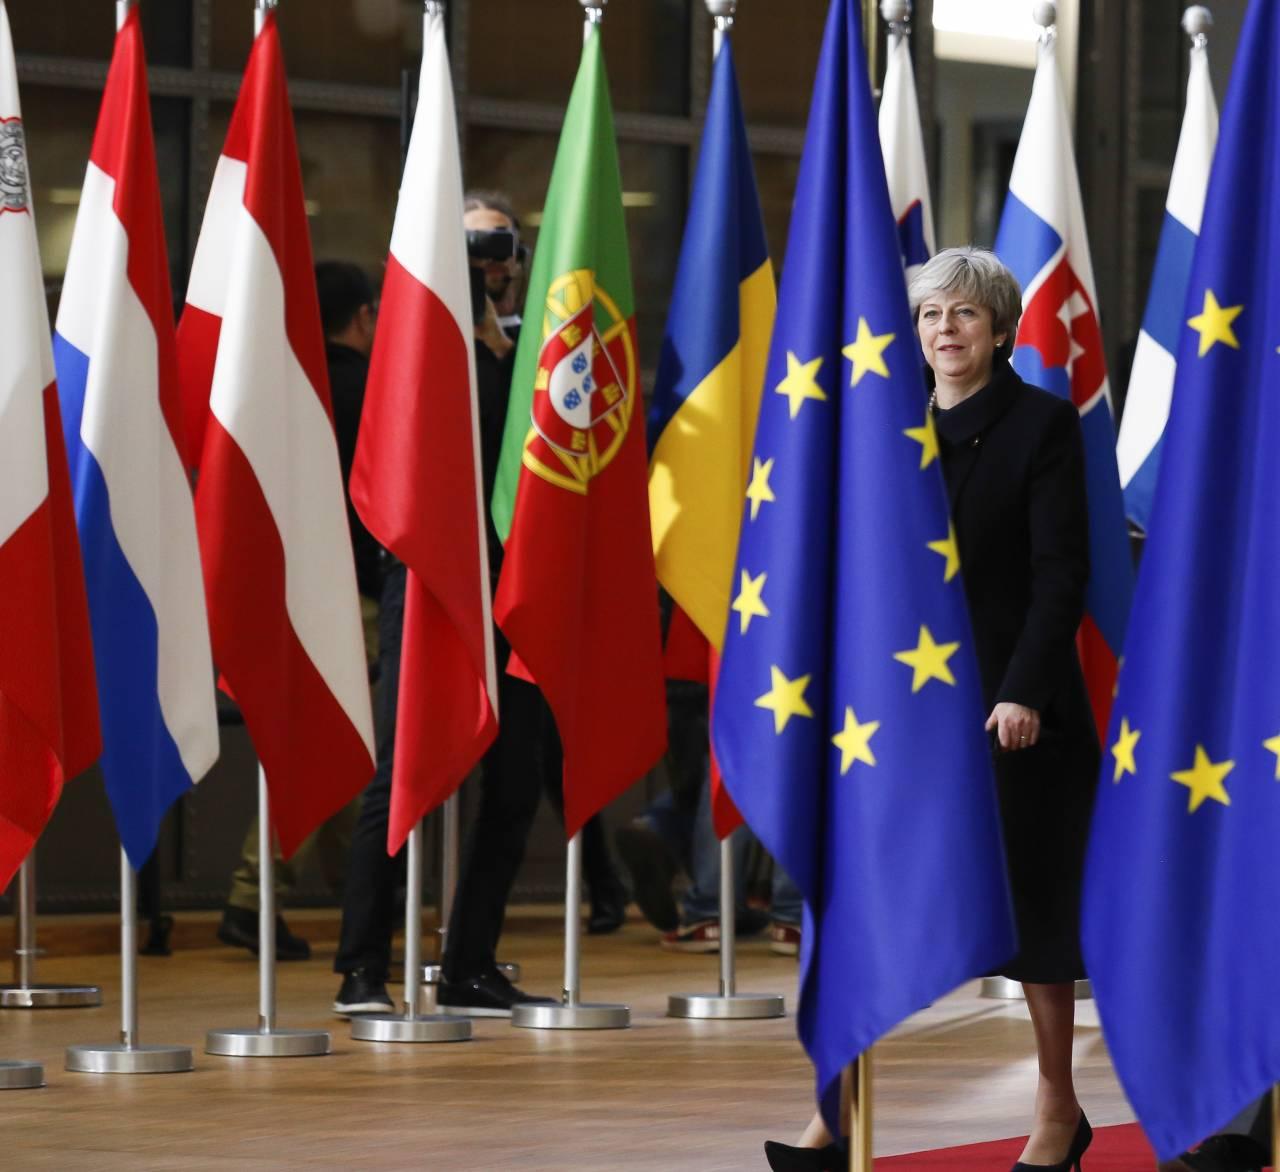 Лидеры странЕС одобрили переход ко 2-ой фазе переговоров поBrexit